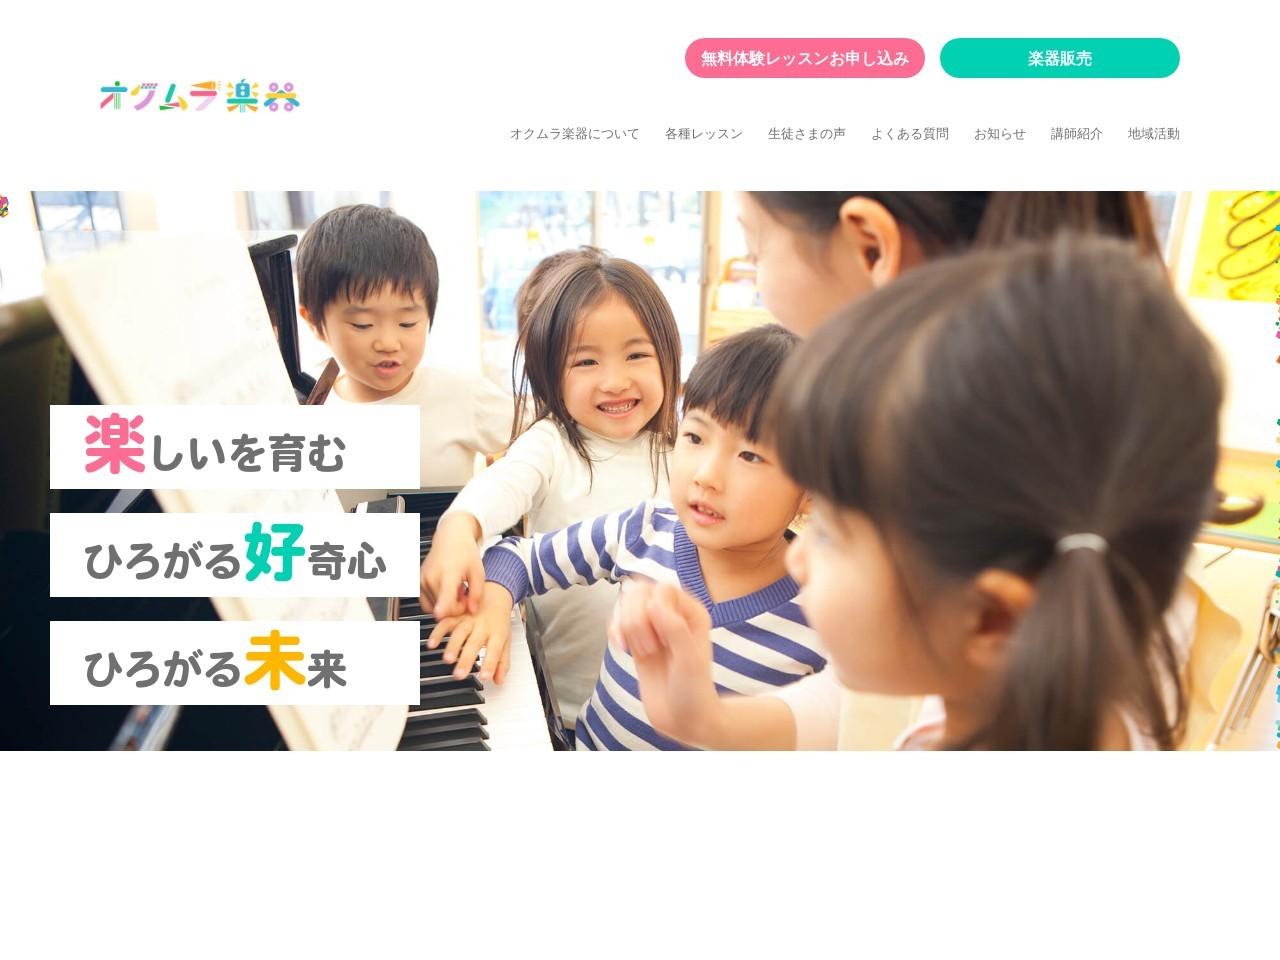 オクムラ楽器のサムネイル